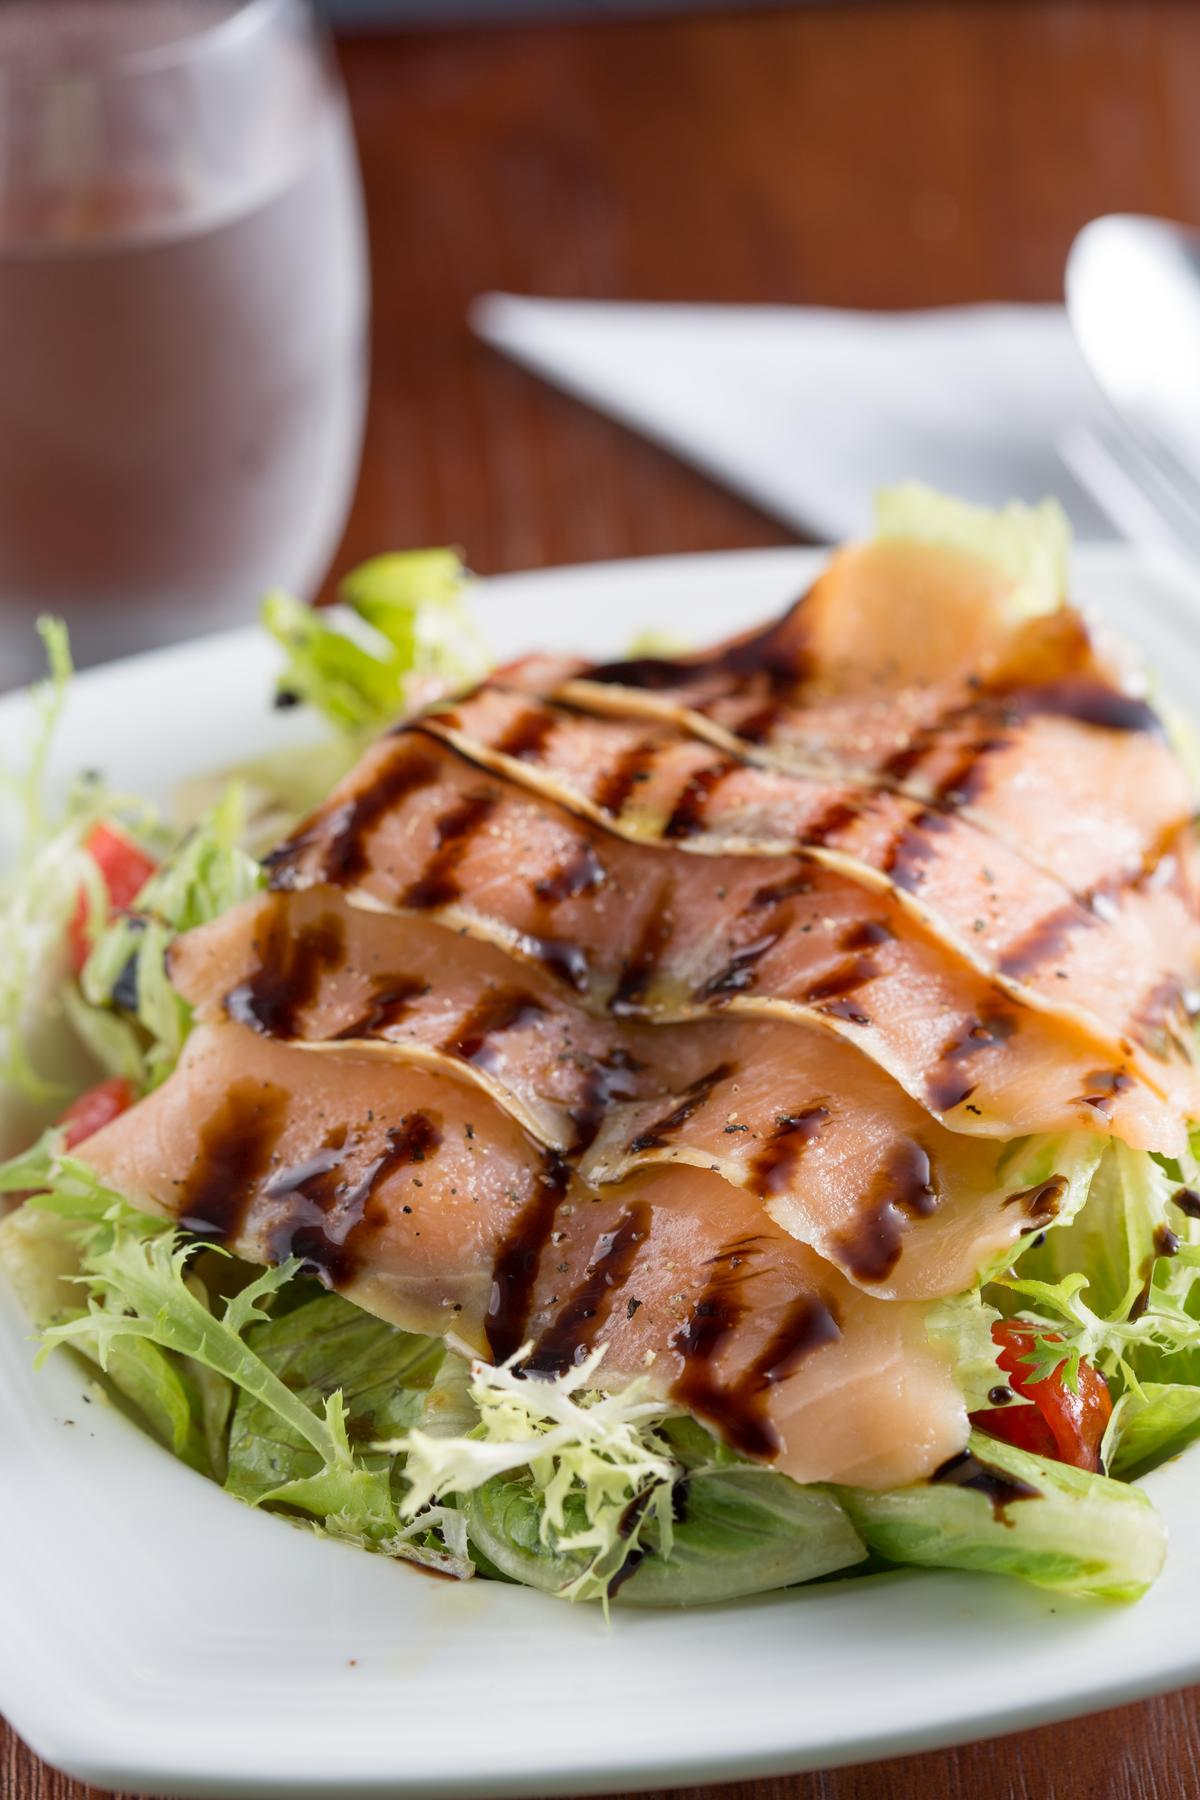 鮭魚搭配芥末風味的油醋沙拉醬的「煙燻鮭魚和風沙拉」,清爽啊。(190元/份)